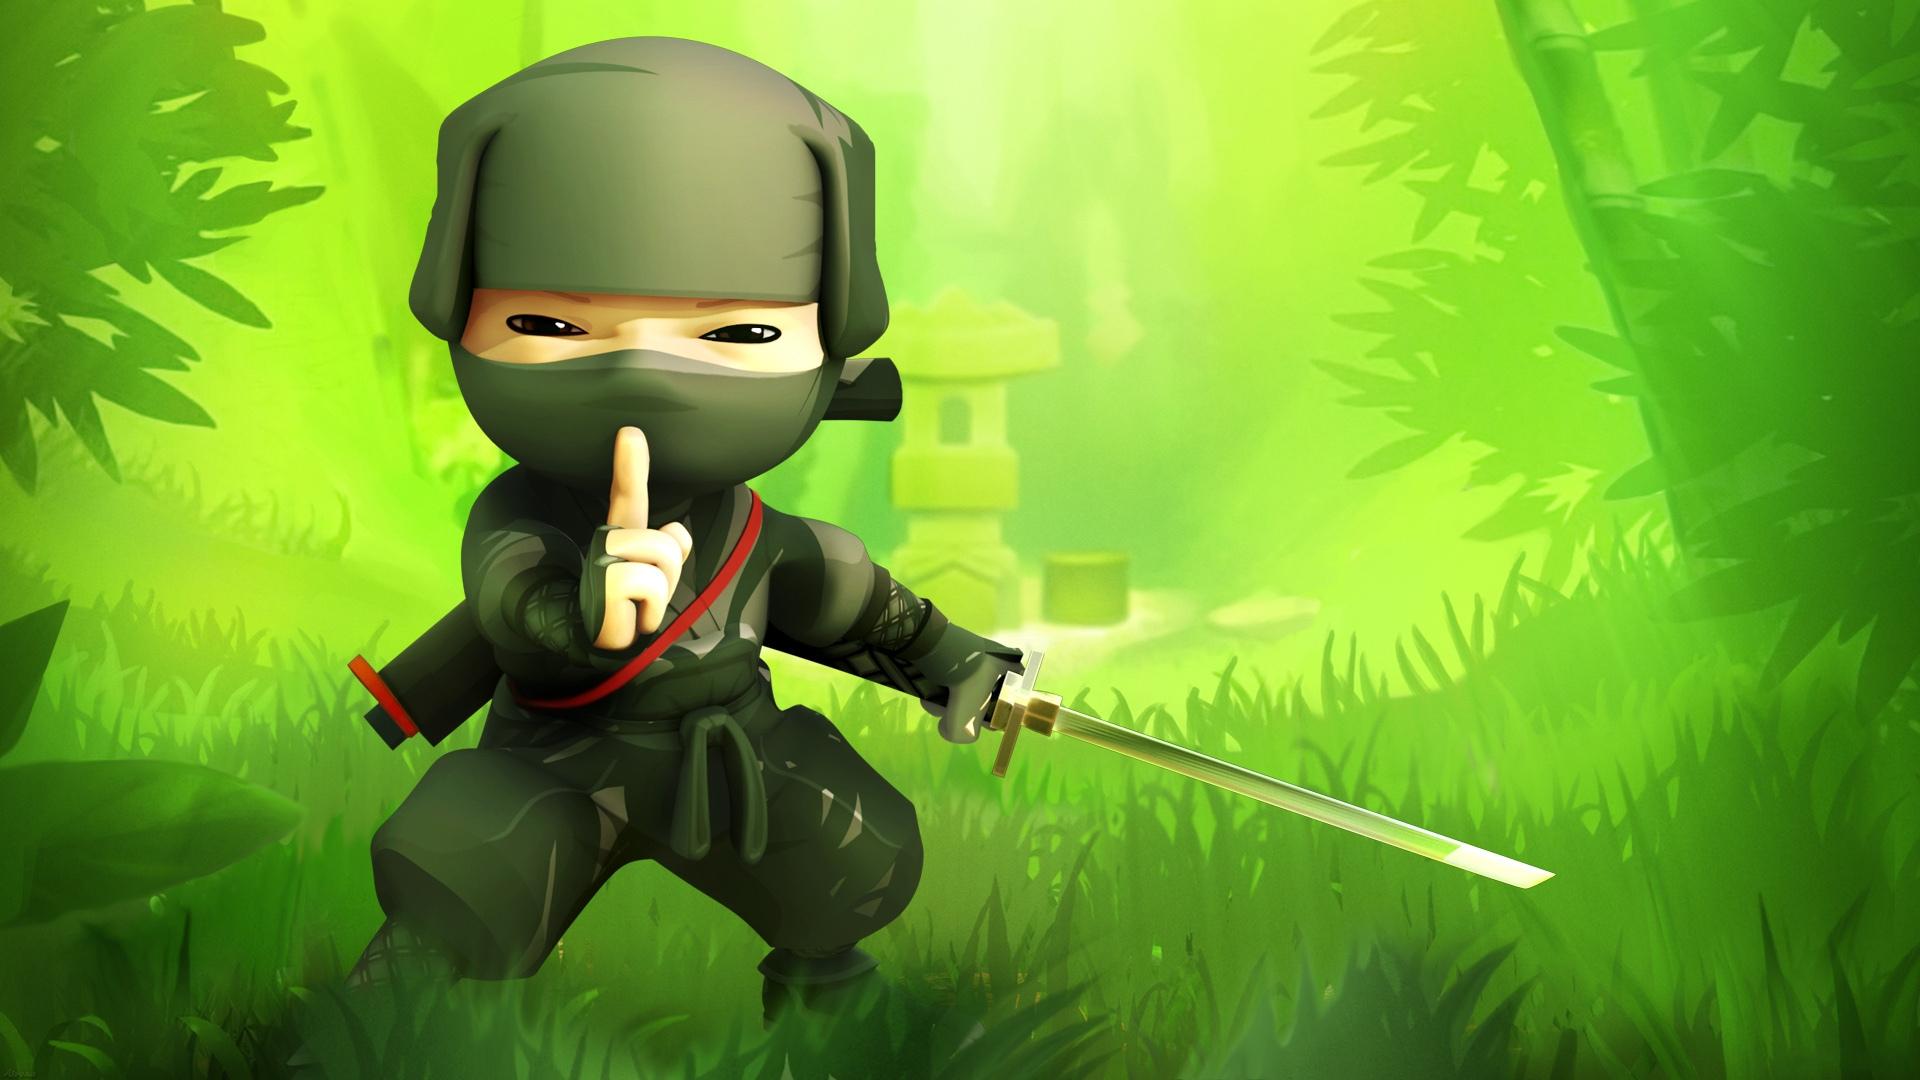 Hình ảnh hoạt hình Ninja dễ thương